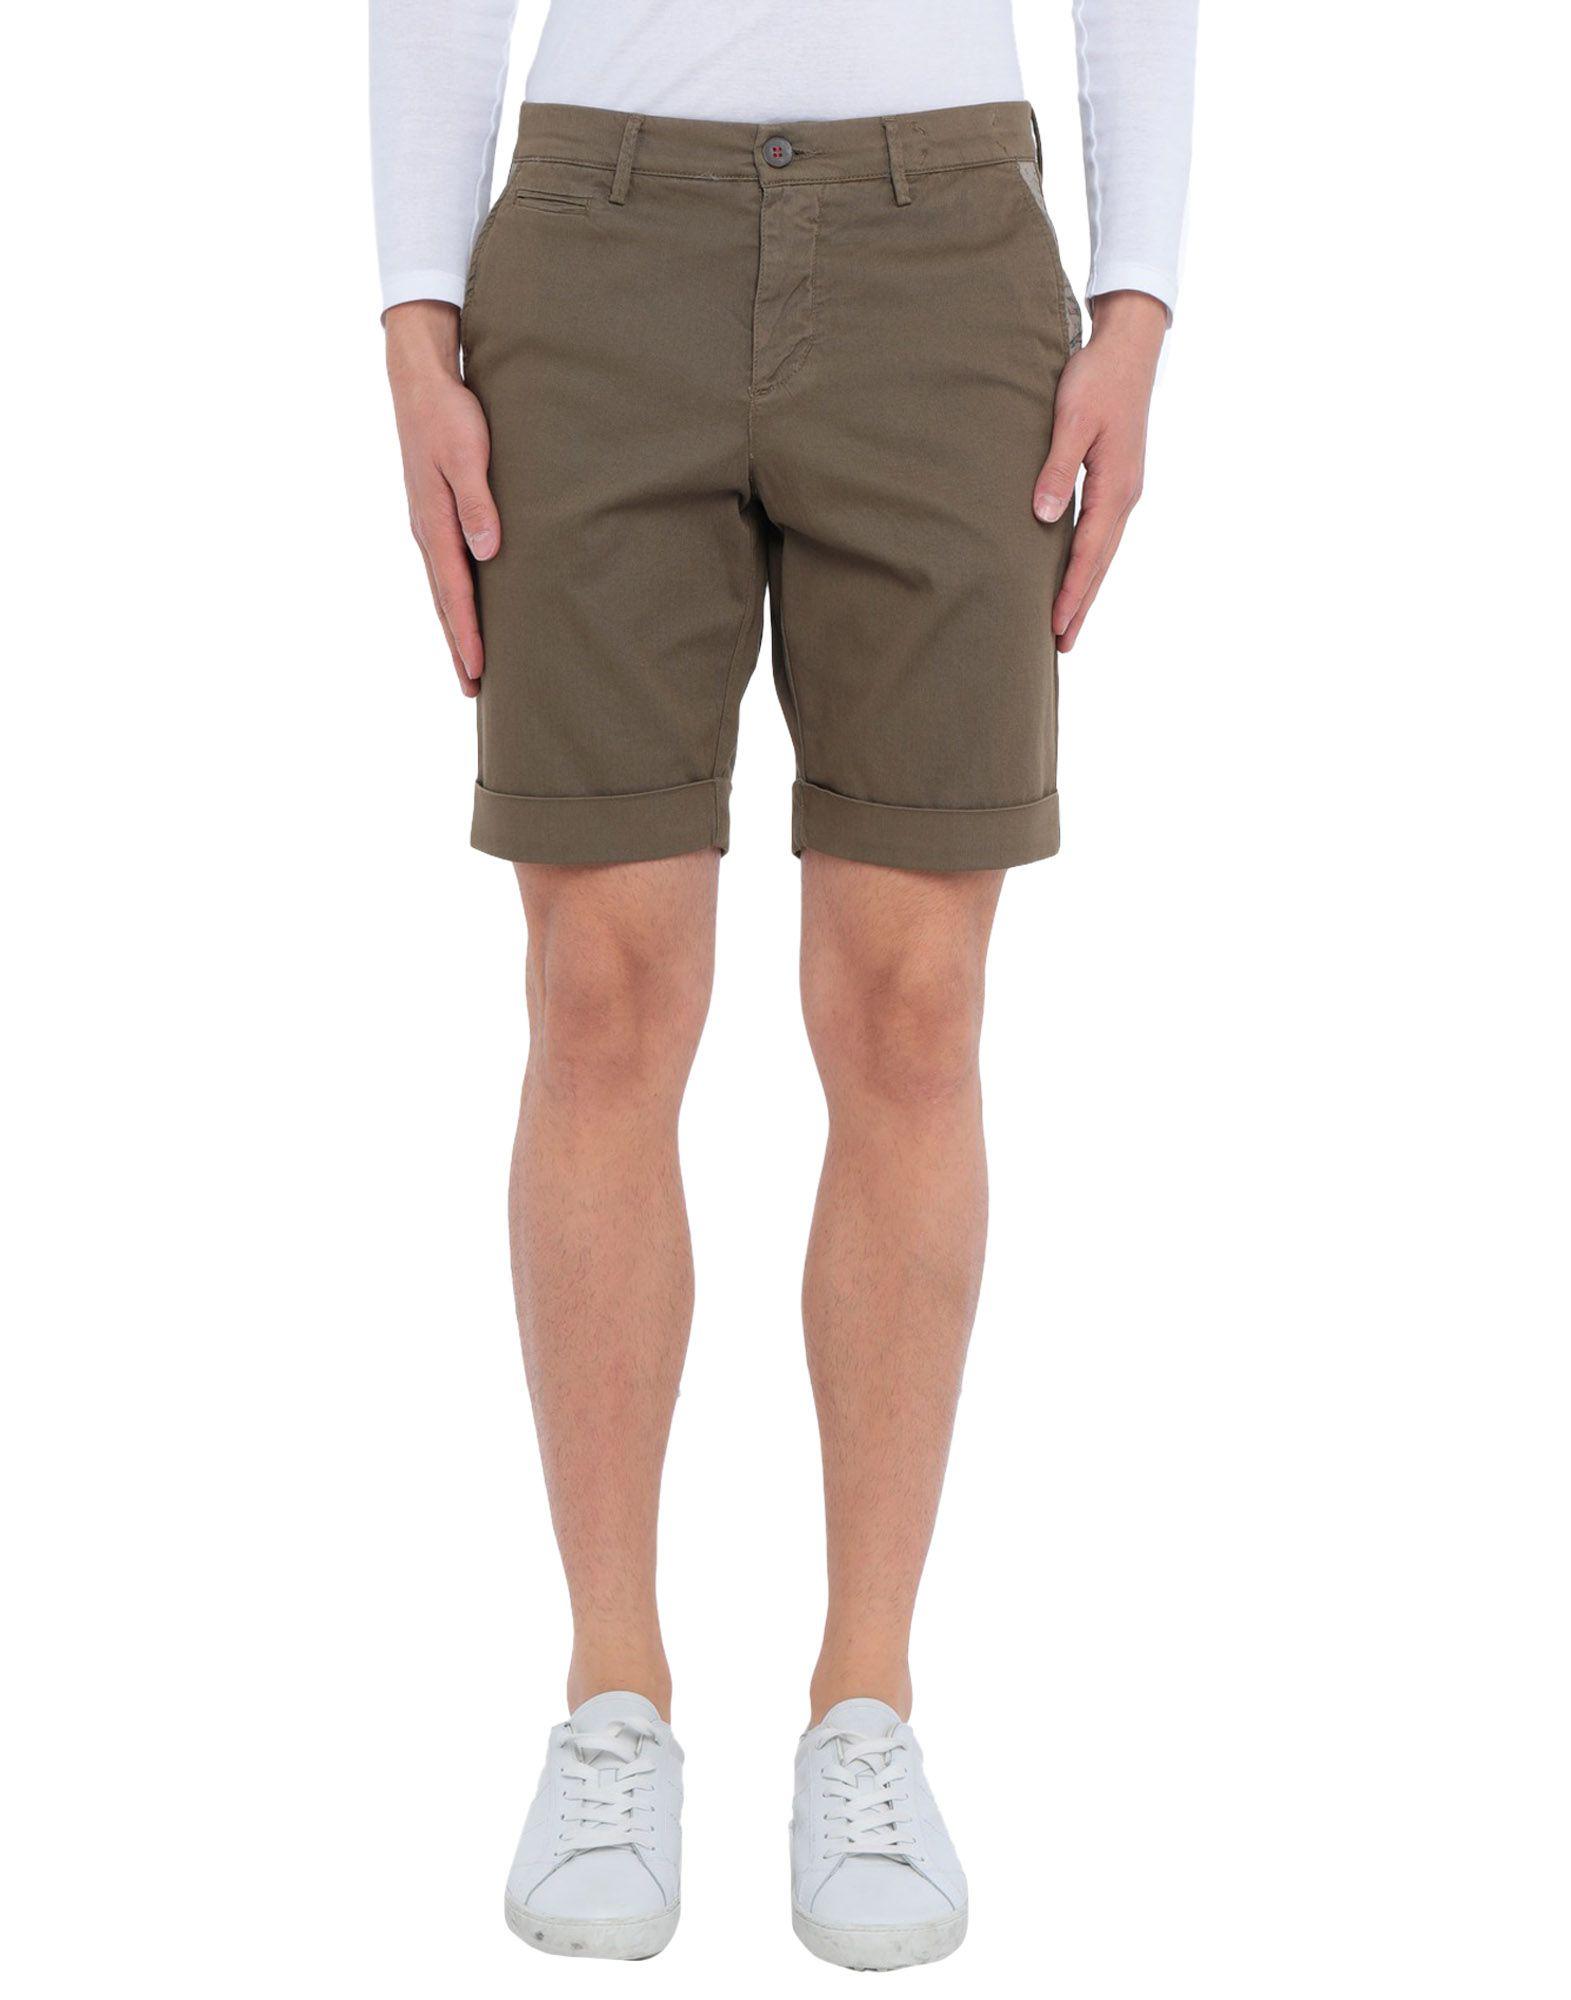 Shorts & Bermuda Maison Clochard herren - 13347645LE